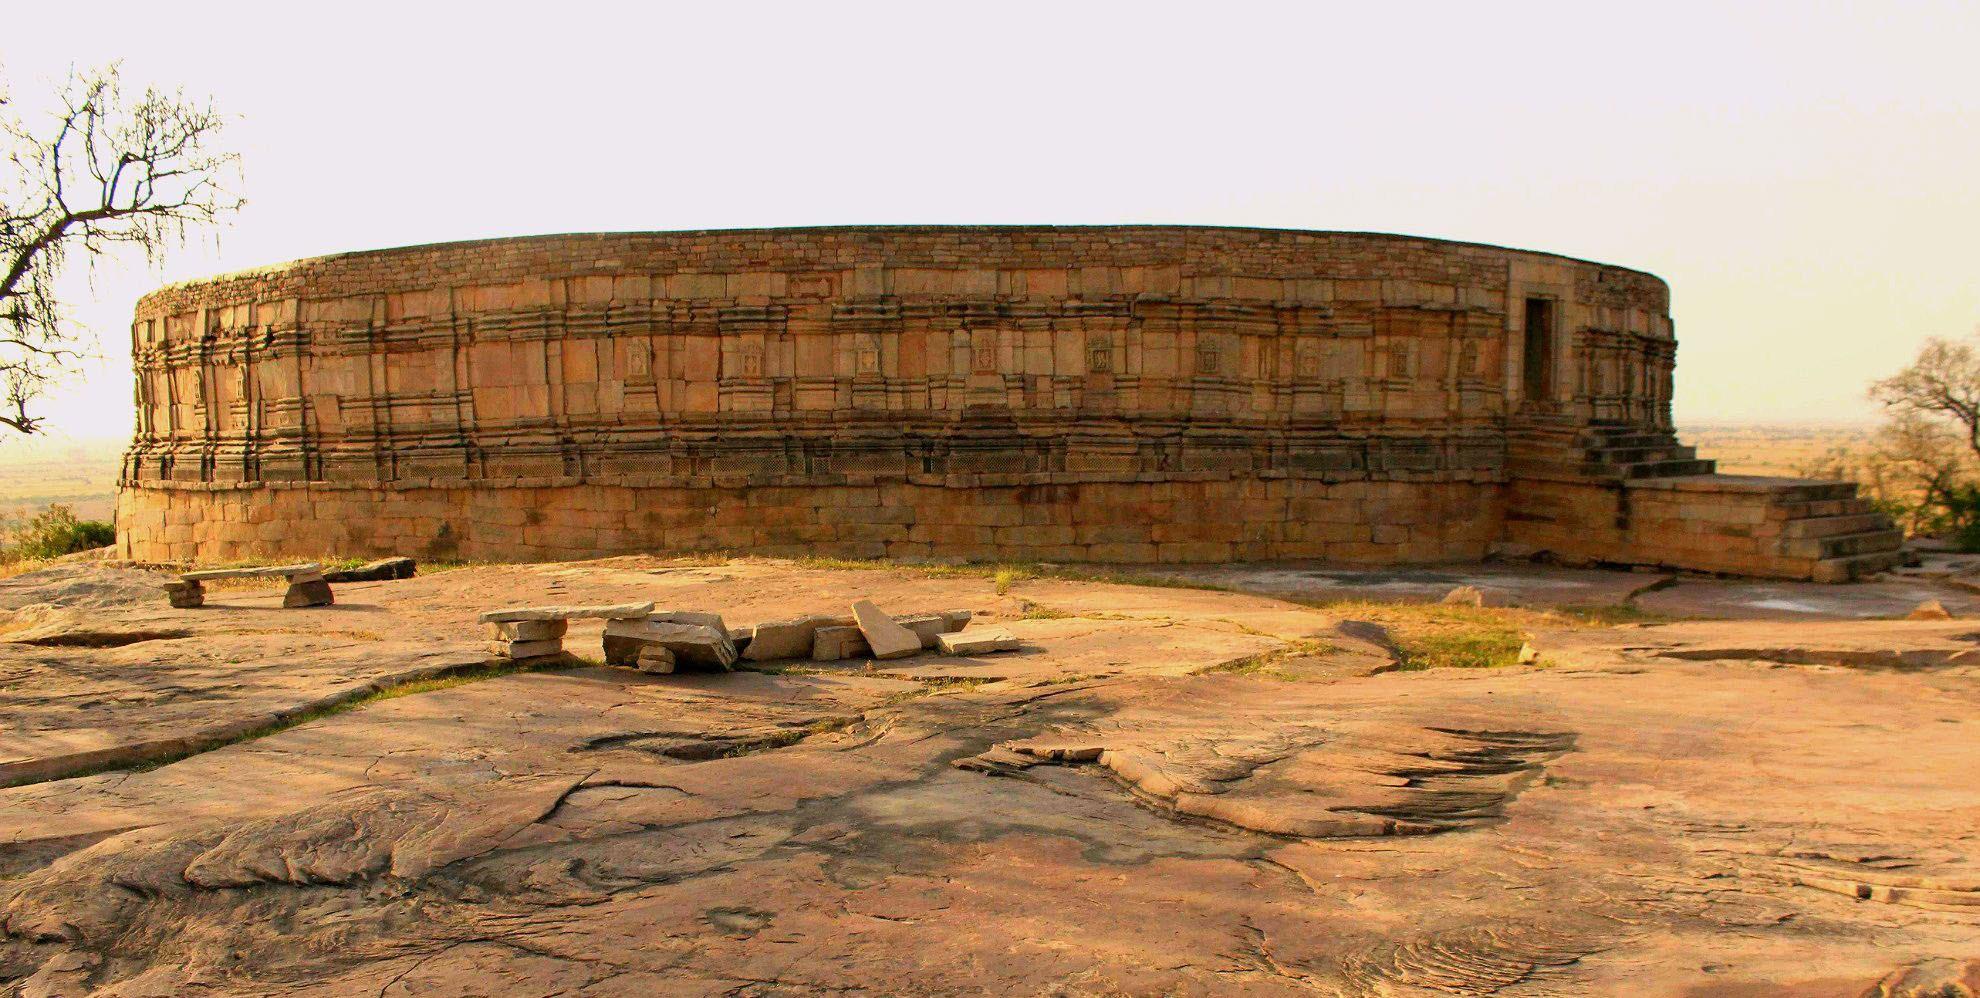 Chausath Yogini Temple, Mitavli (by Pankaj Saksena)